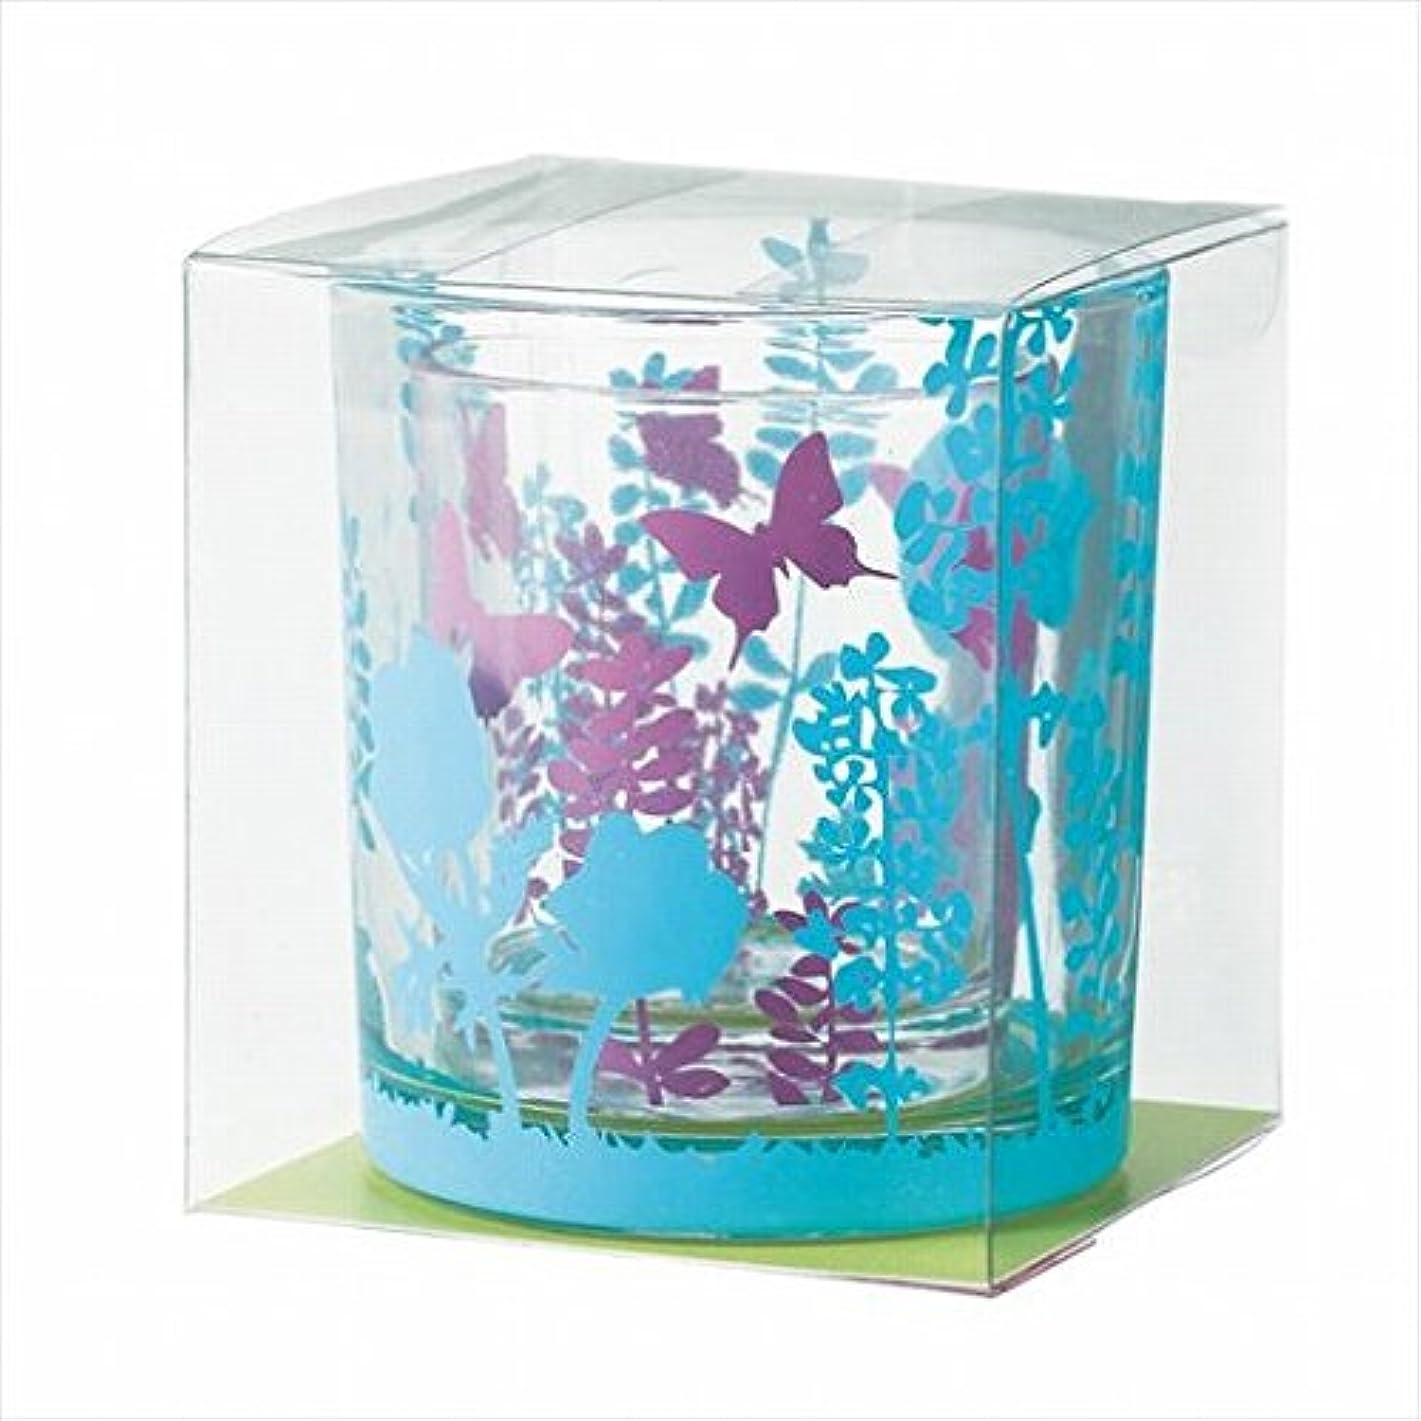 ペイントワイヤー時間とともにカメヤマキャンドル(kameyama candle) ブルーミングデュエットグラス 「 クールカラー 」